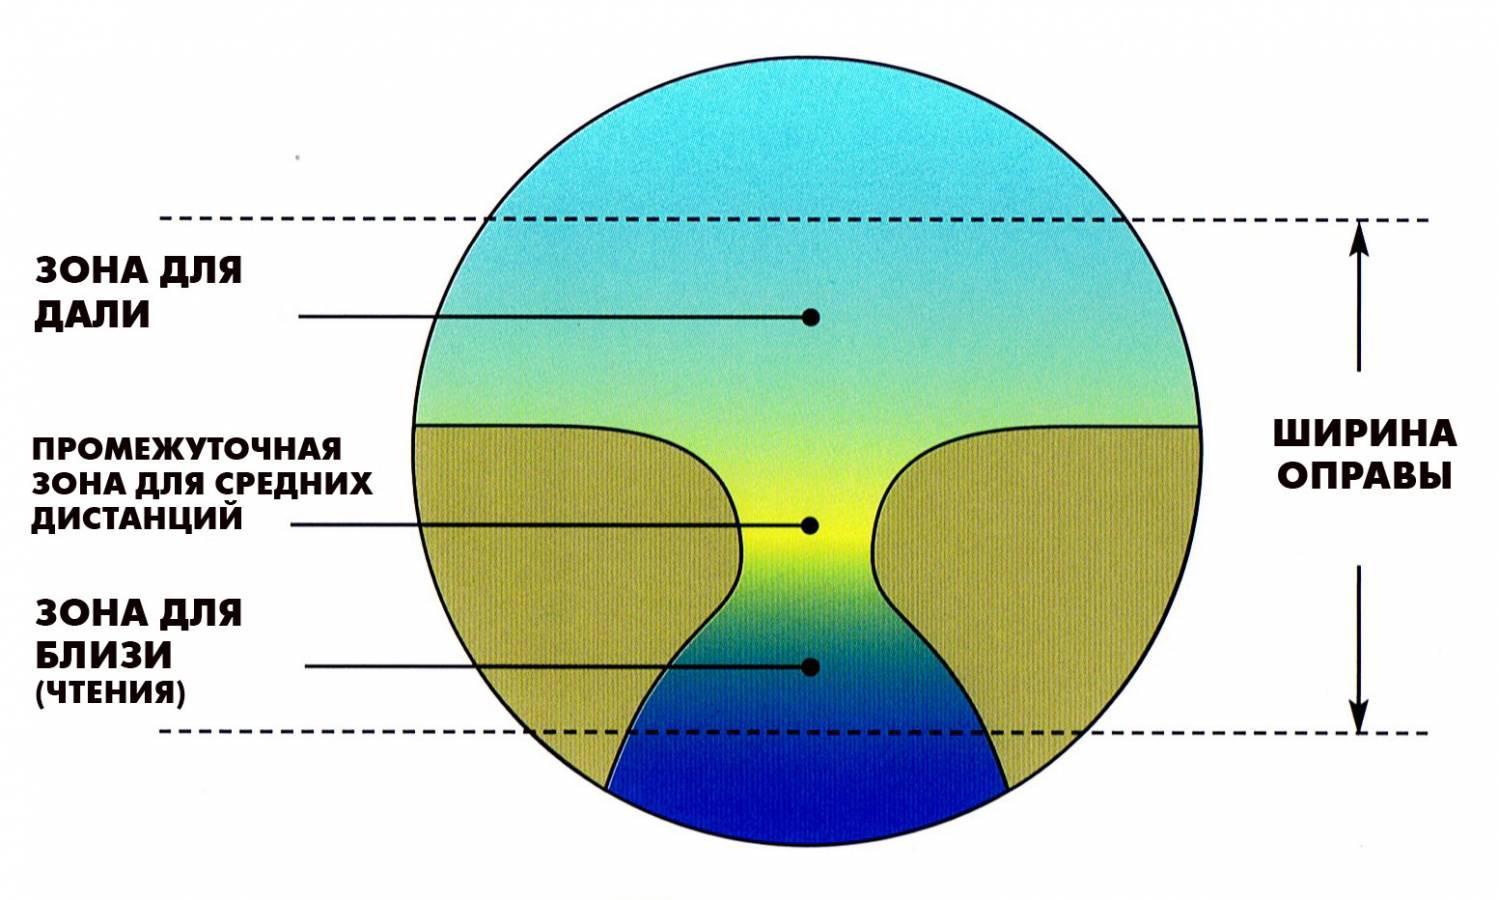 hyperopia és myopia és azok korrekciója)